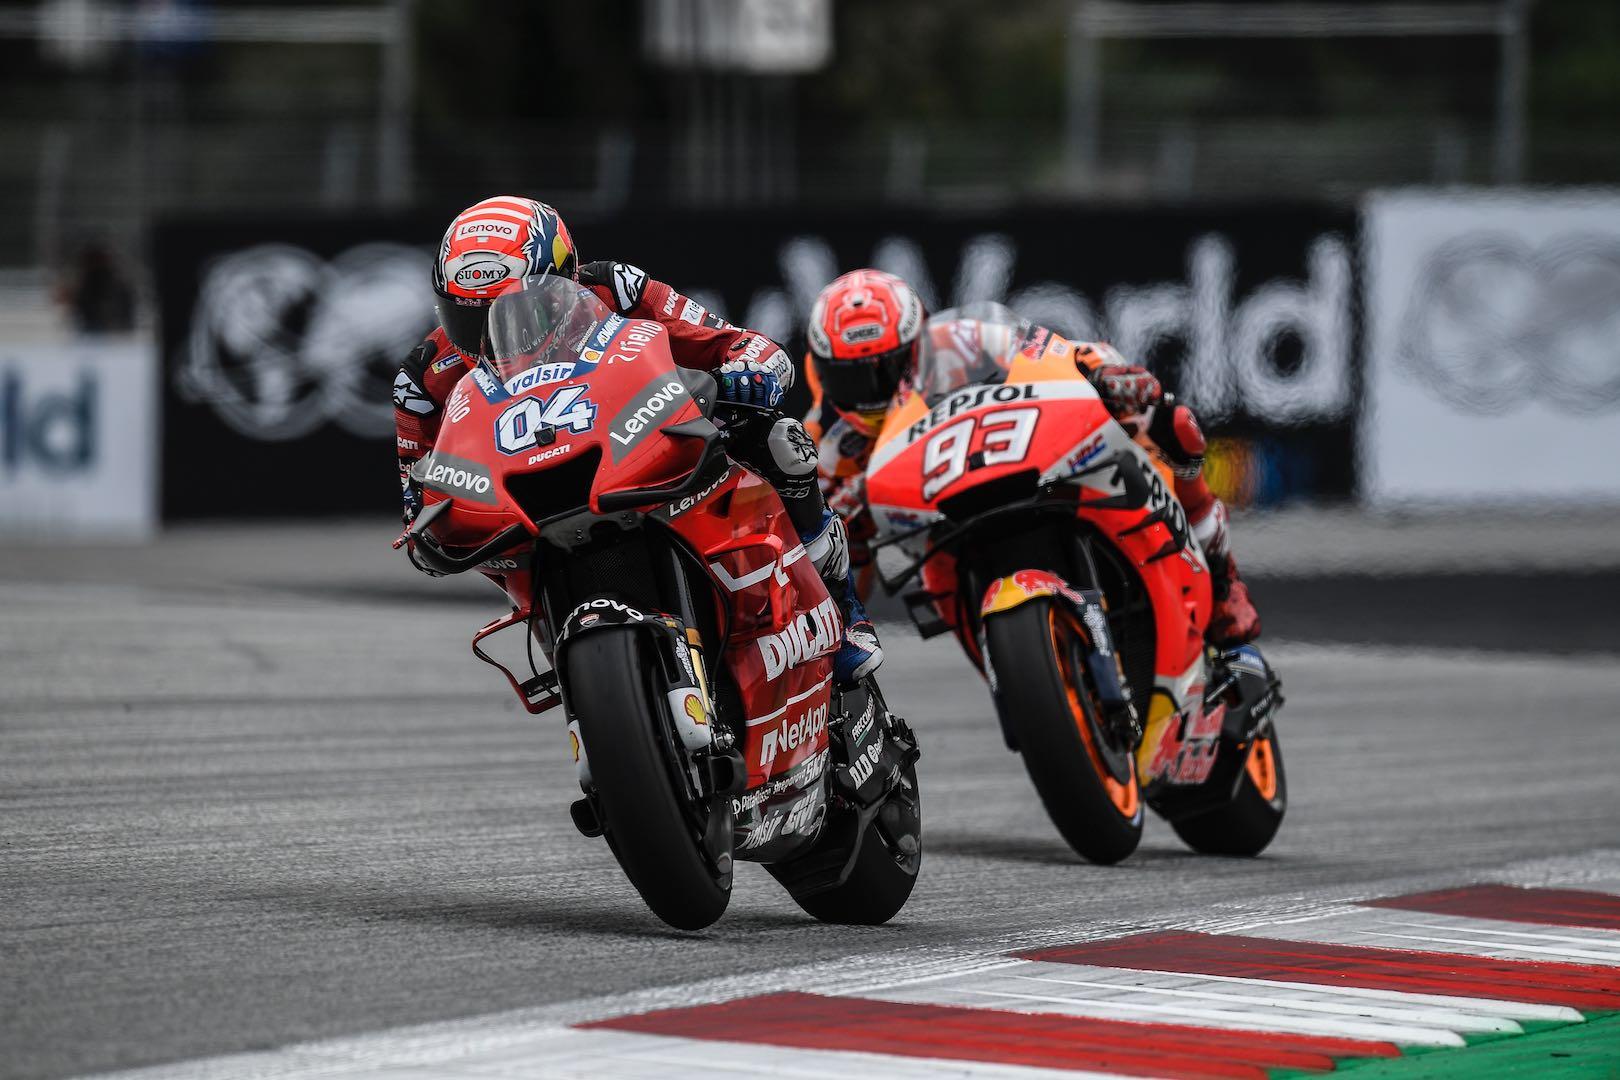 Ducati's Dovizioso and Honda's Marc Marquez